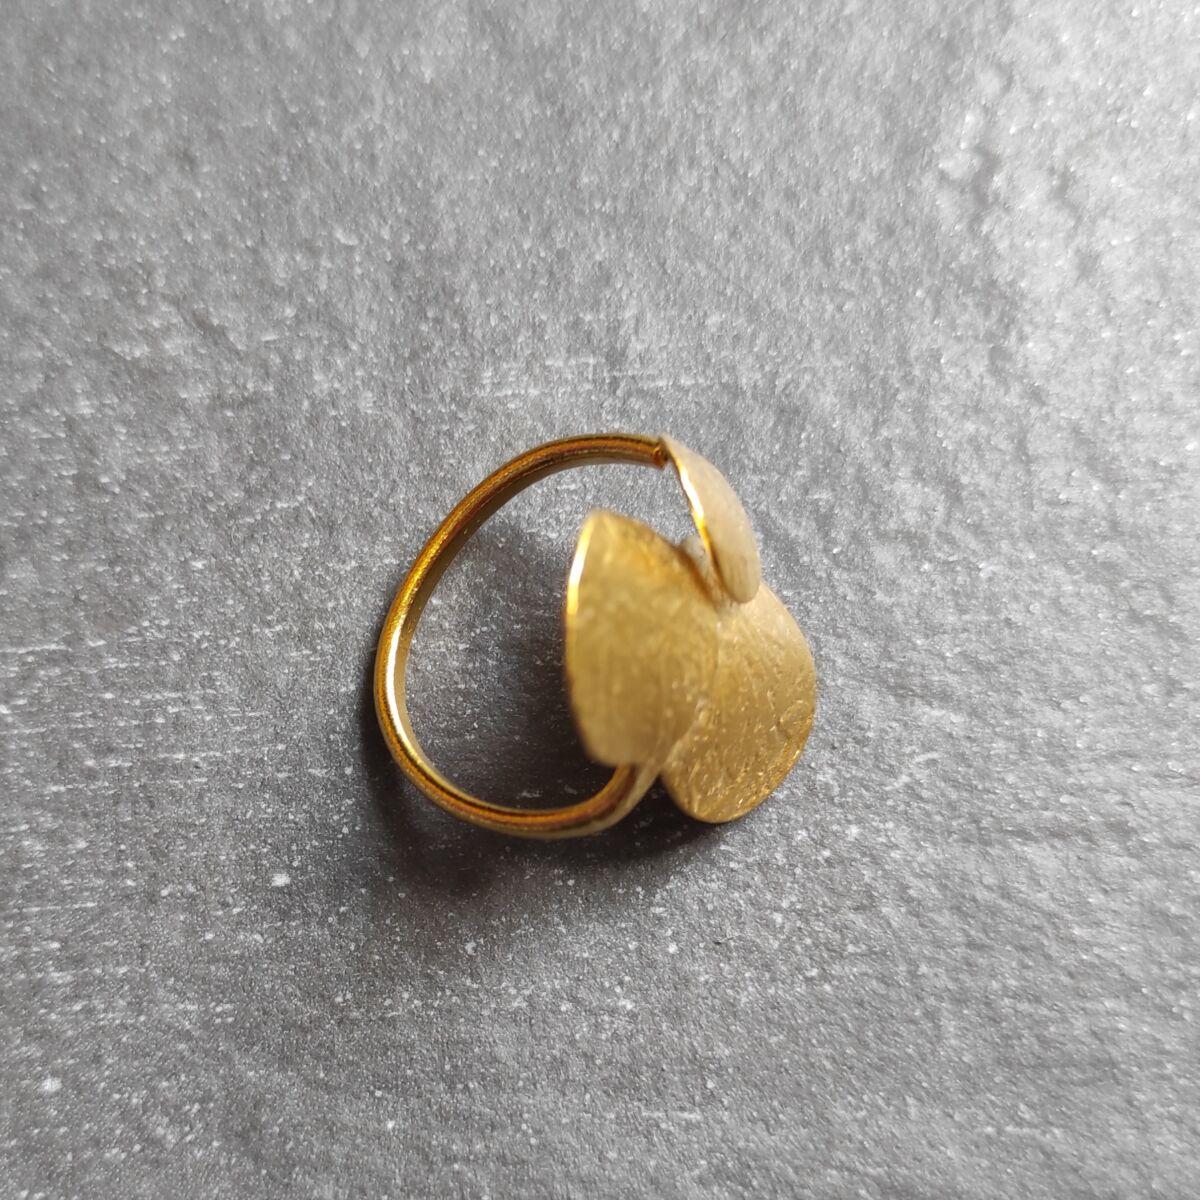 Δαχτυλίδι επίχρυσο Αξεσουάρ Ρούχα αξεσουάρ 2